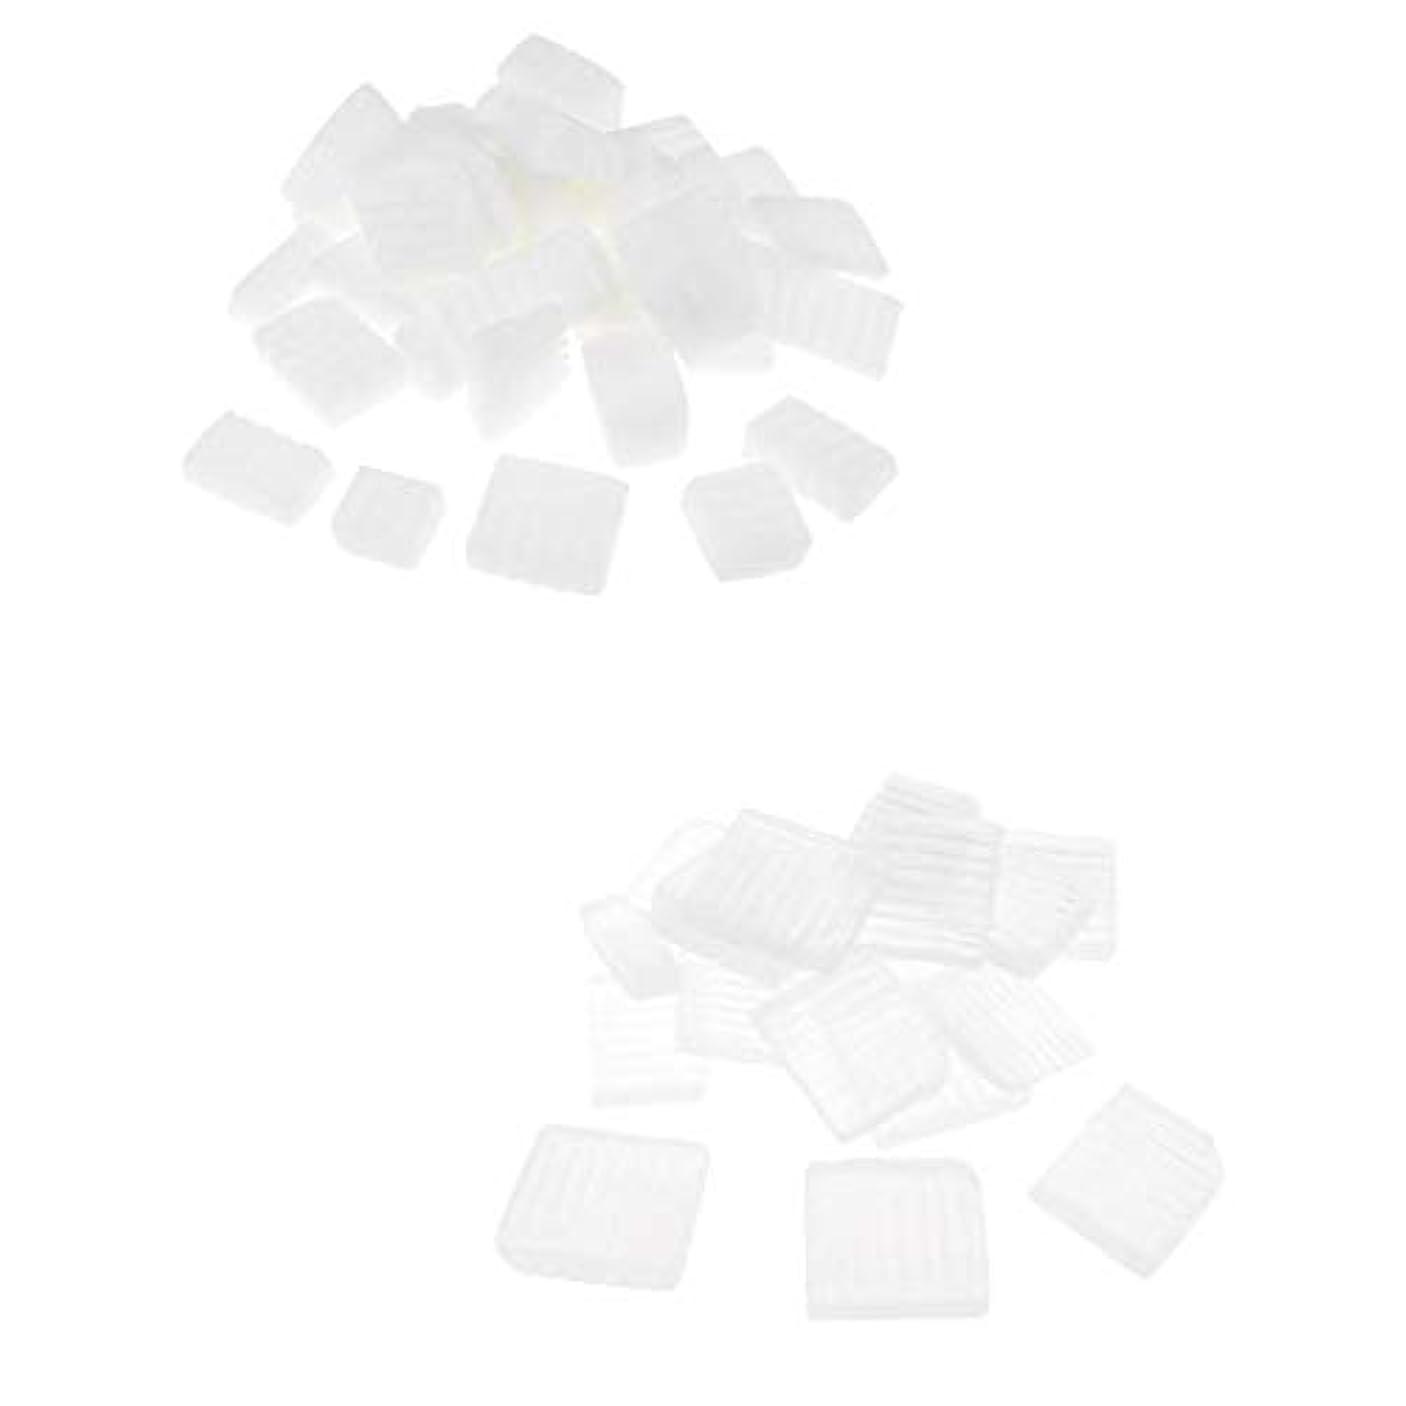 衝動概して帳面FLAMEER 固形せっけん 石鹸ベース 2KG ホワイトクリア DIY製造 工芸品 ハンドメイド 石鹸原料 耐久性